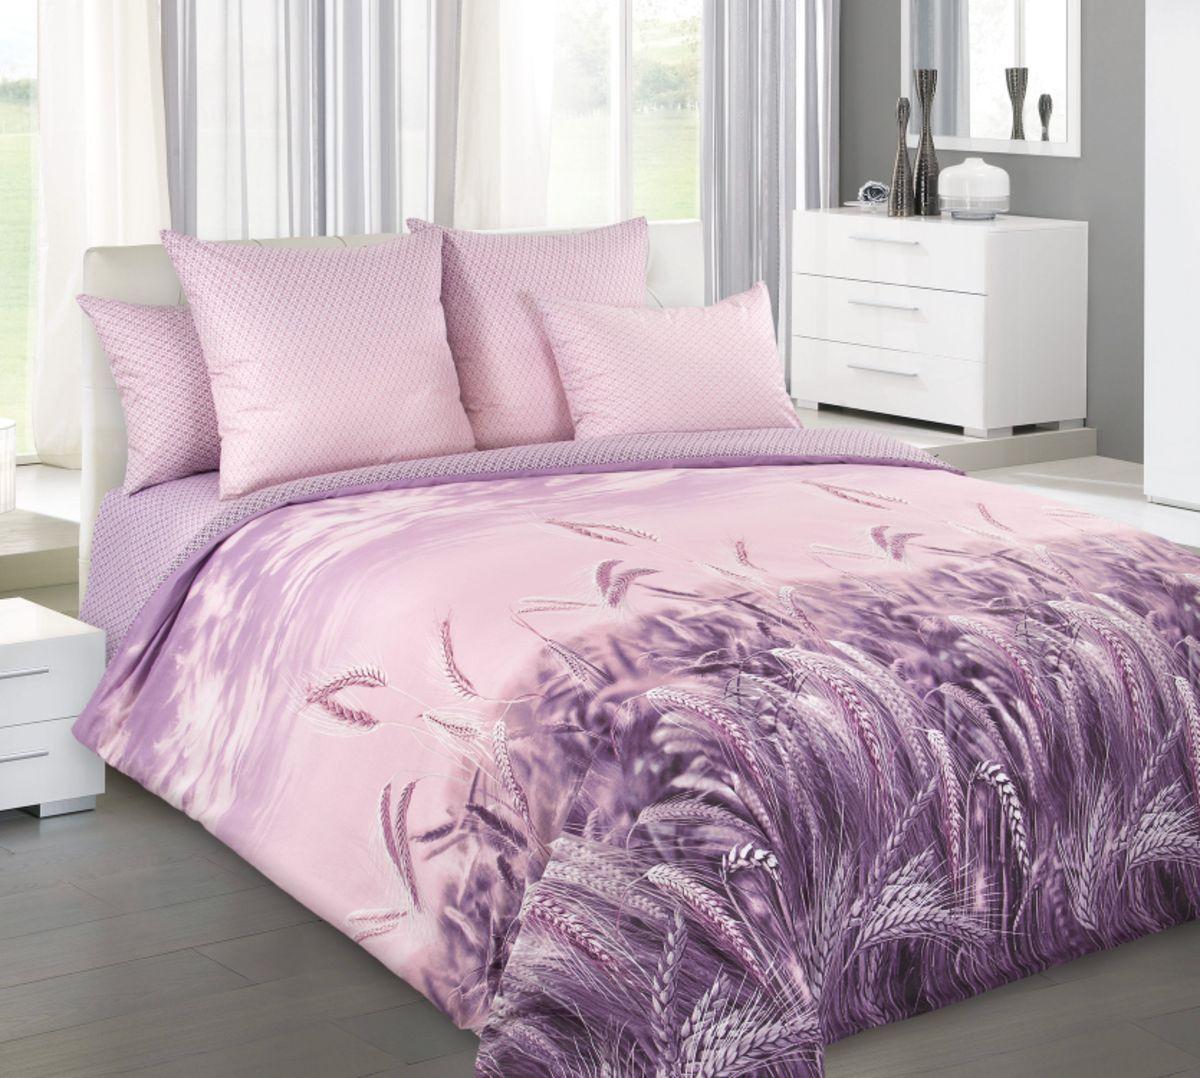 Комплект постельного белья 1,5-спальный, перкаль (Утренние лучи, розовый)